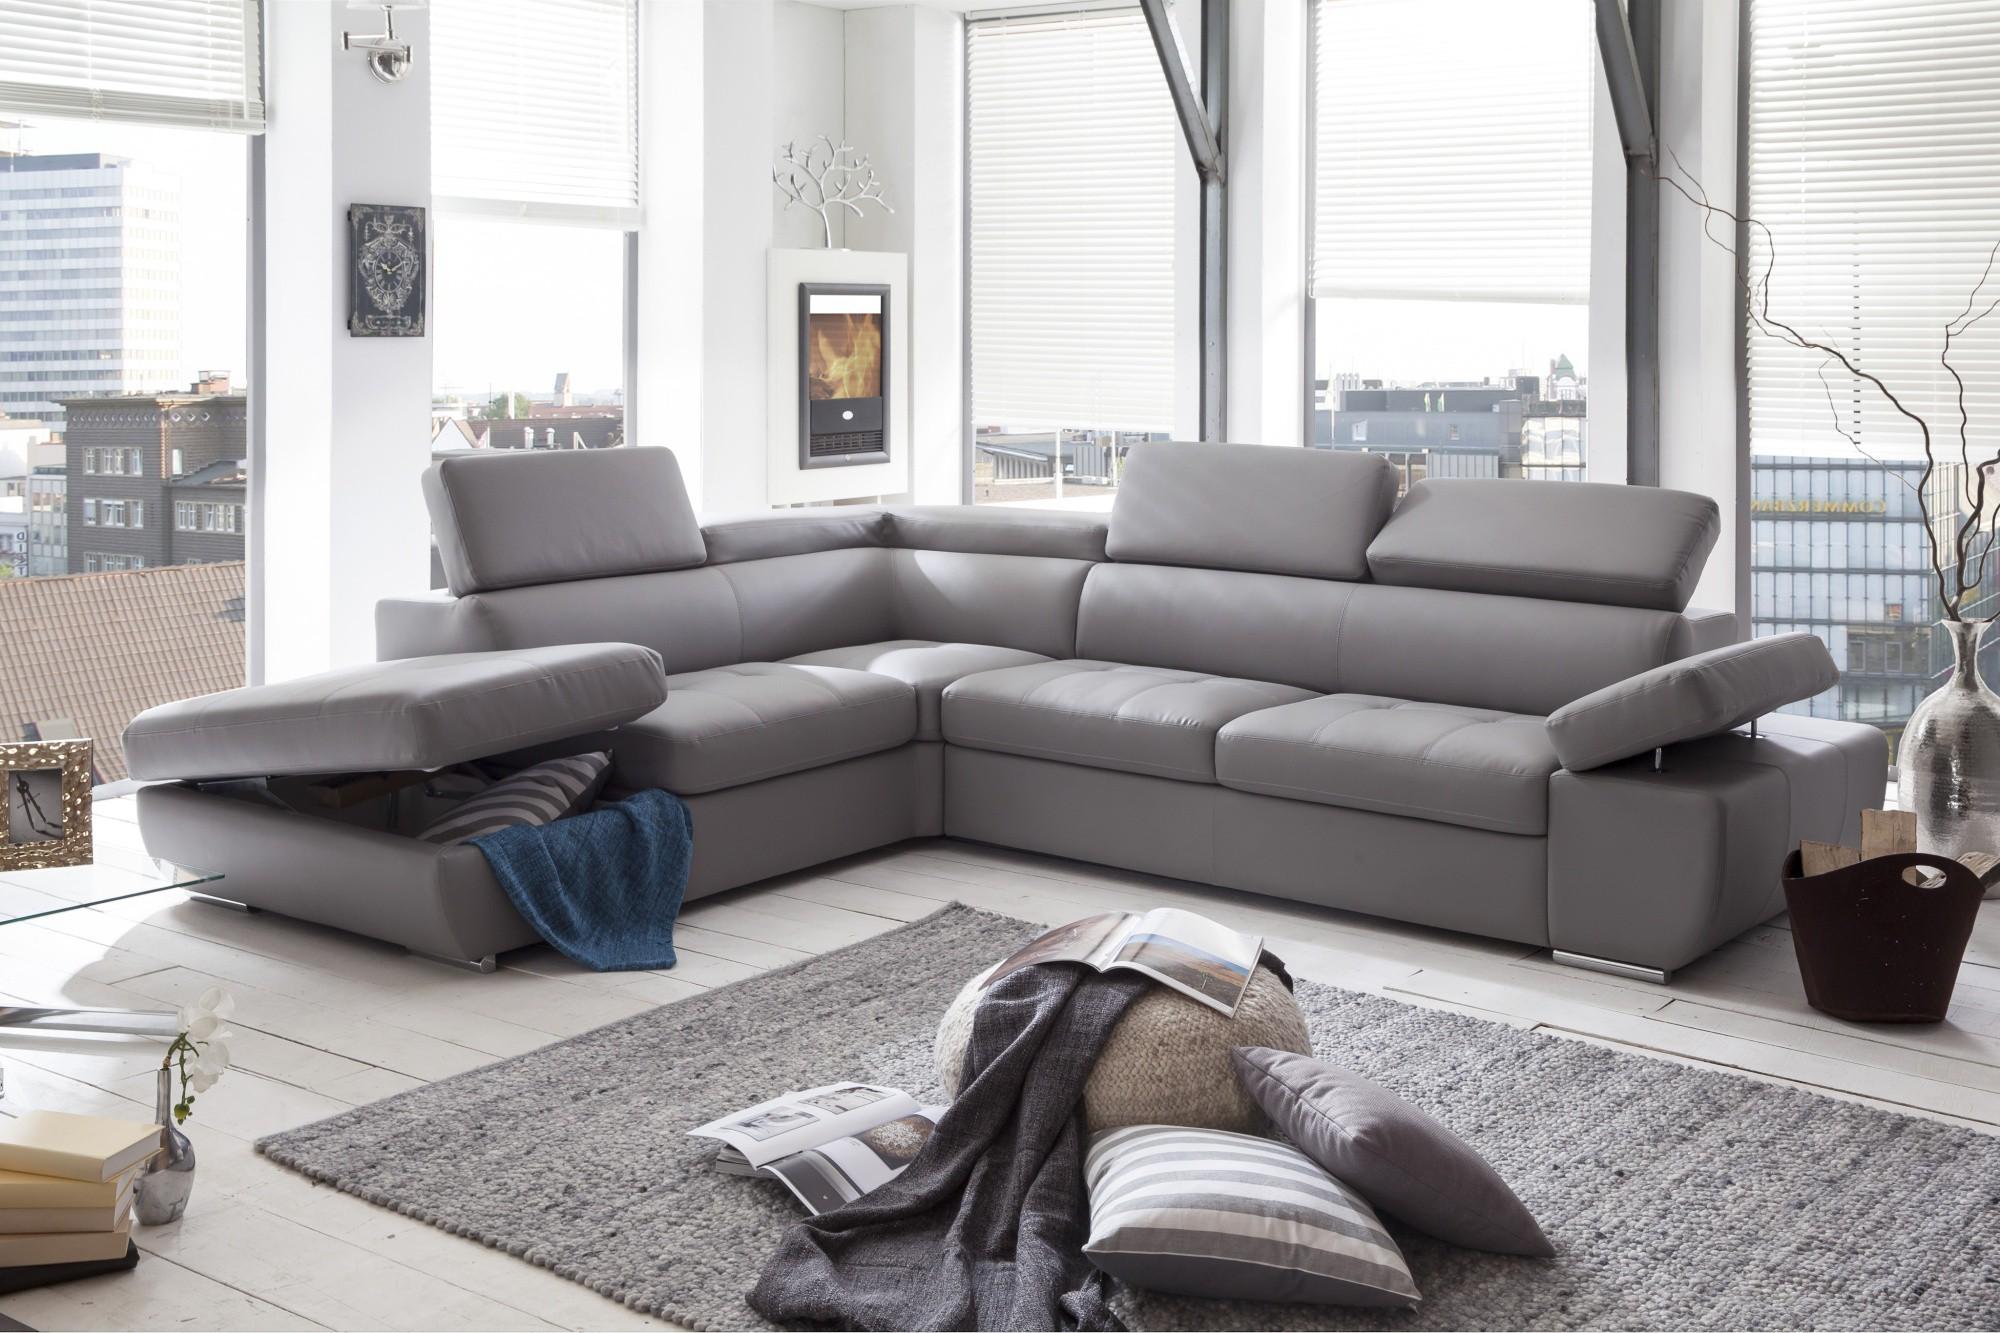 Canapé panoramique en stock